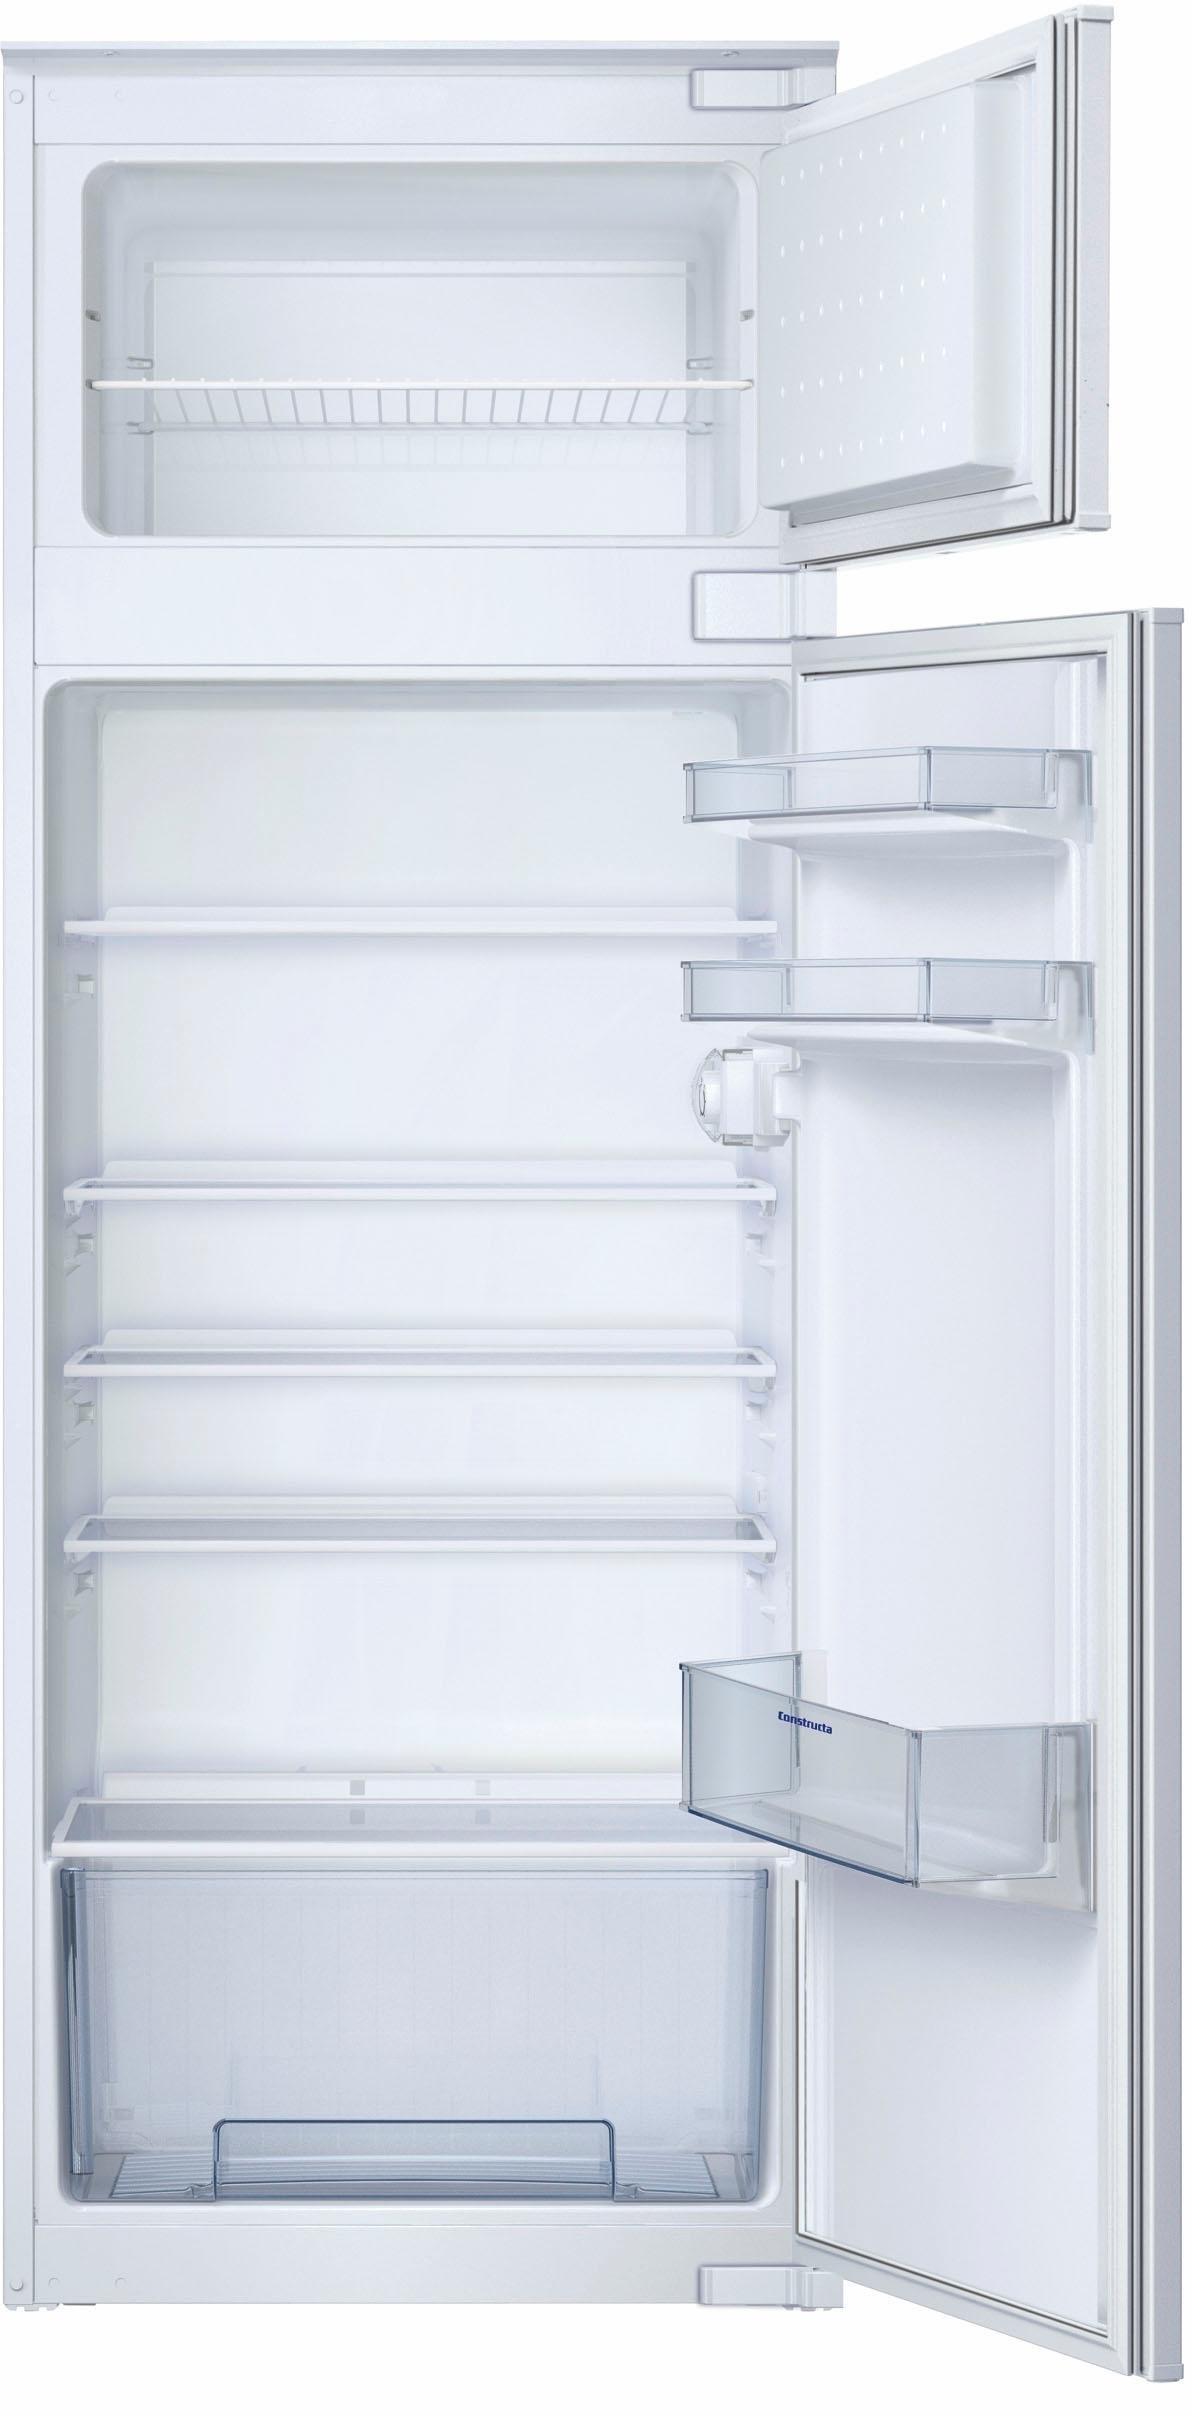 Constructa inbouw koelvriescombinatie CK66530, A++, 144,6 cm hoog nu online bestellen